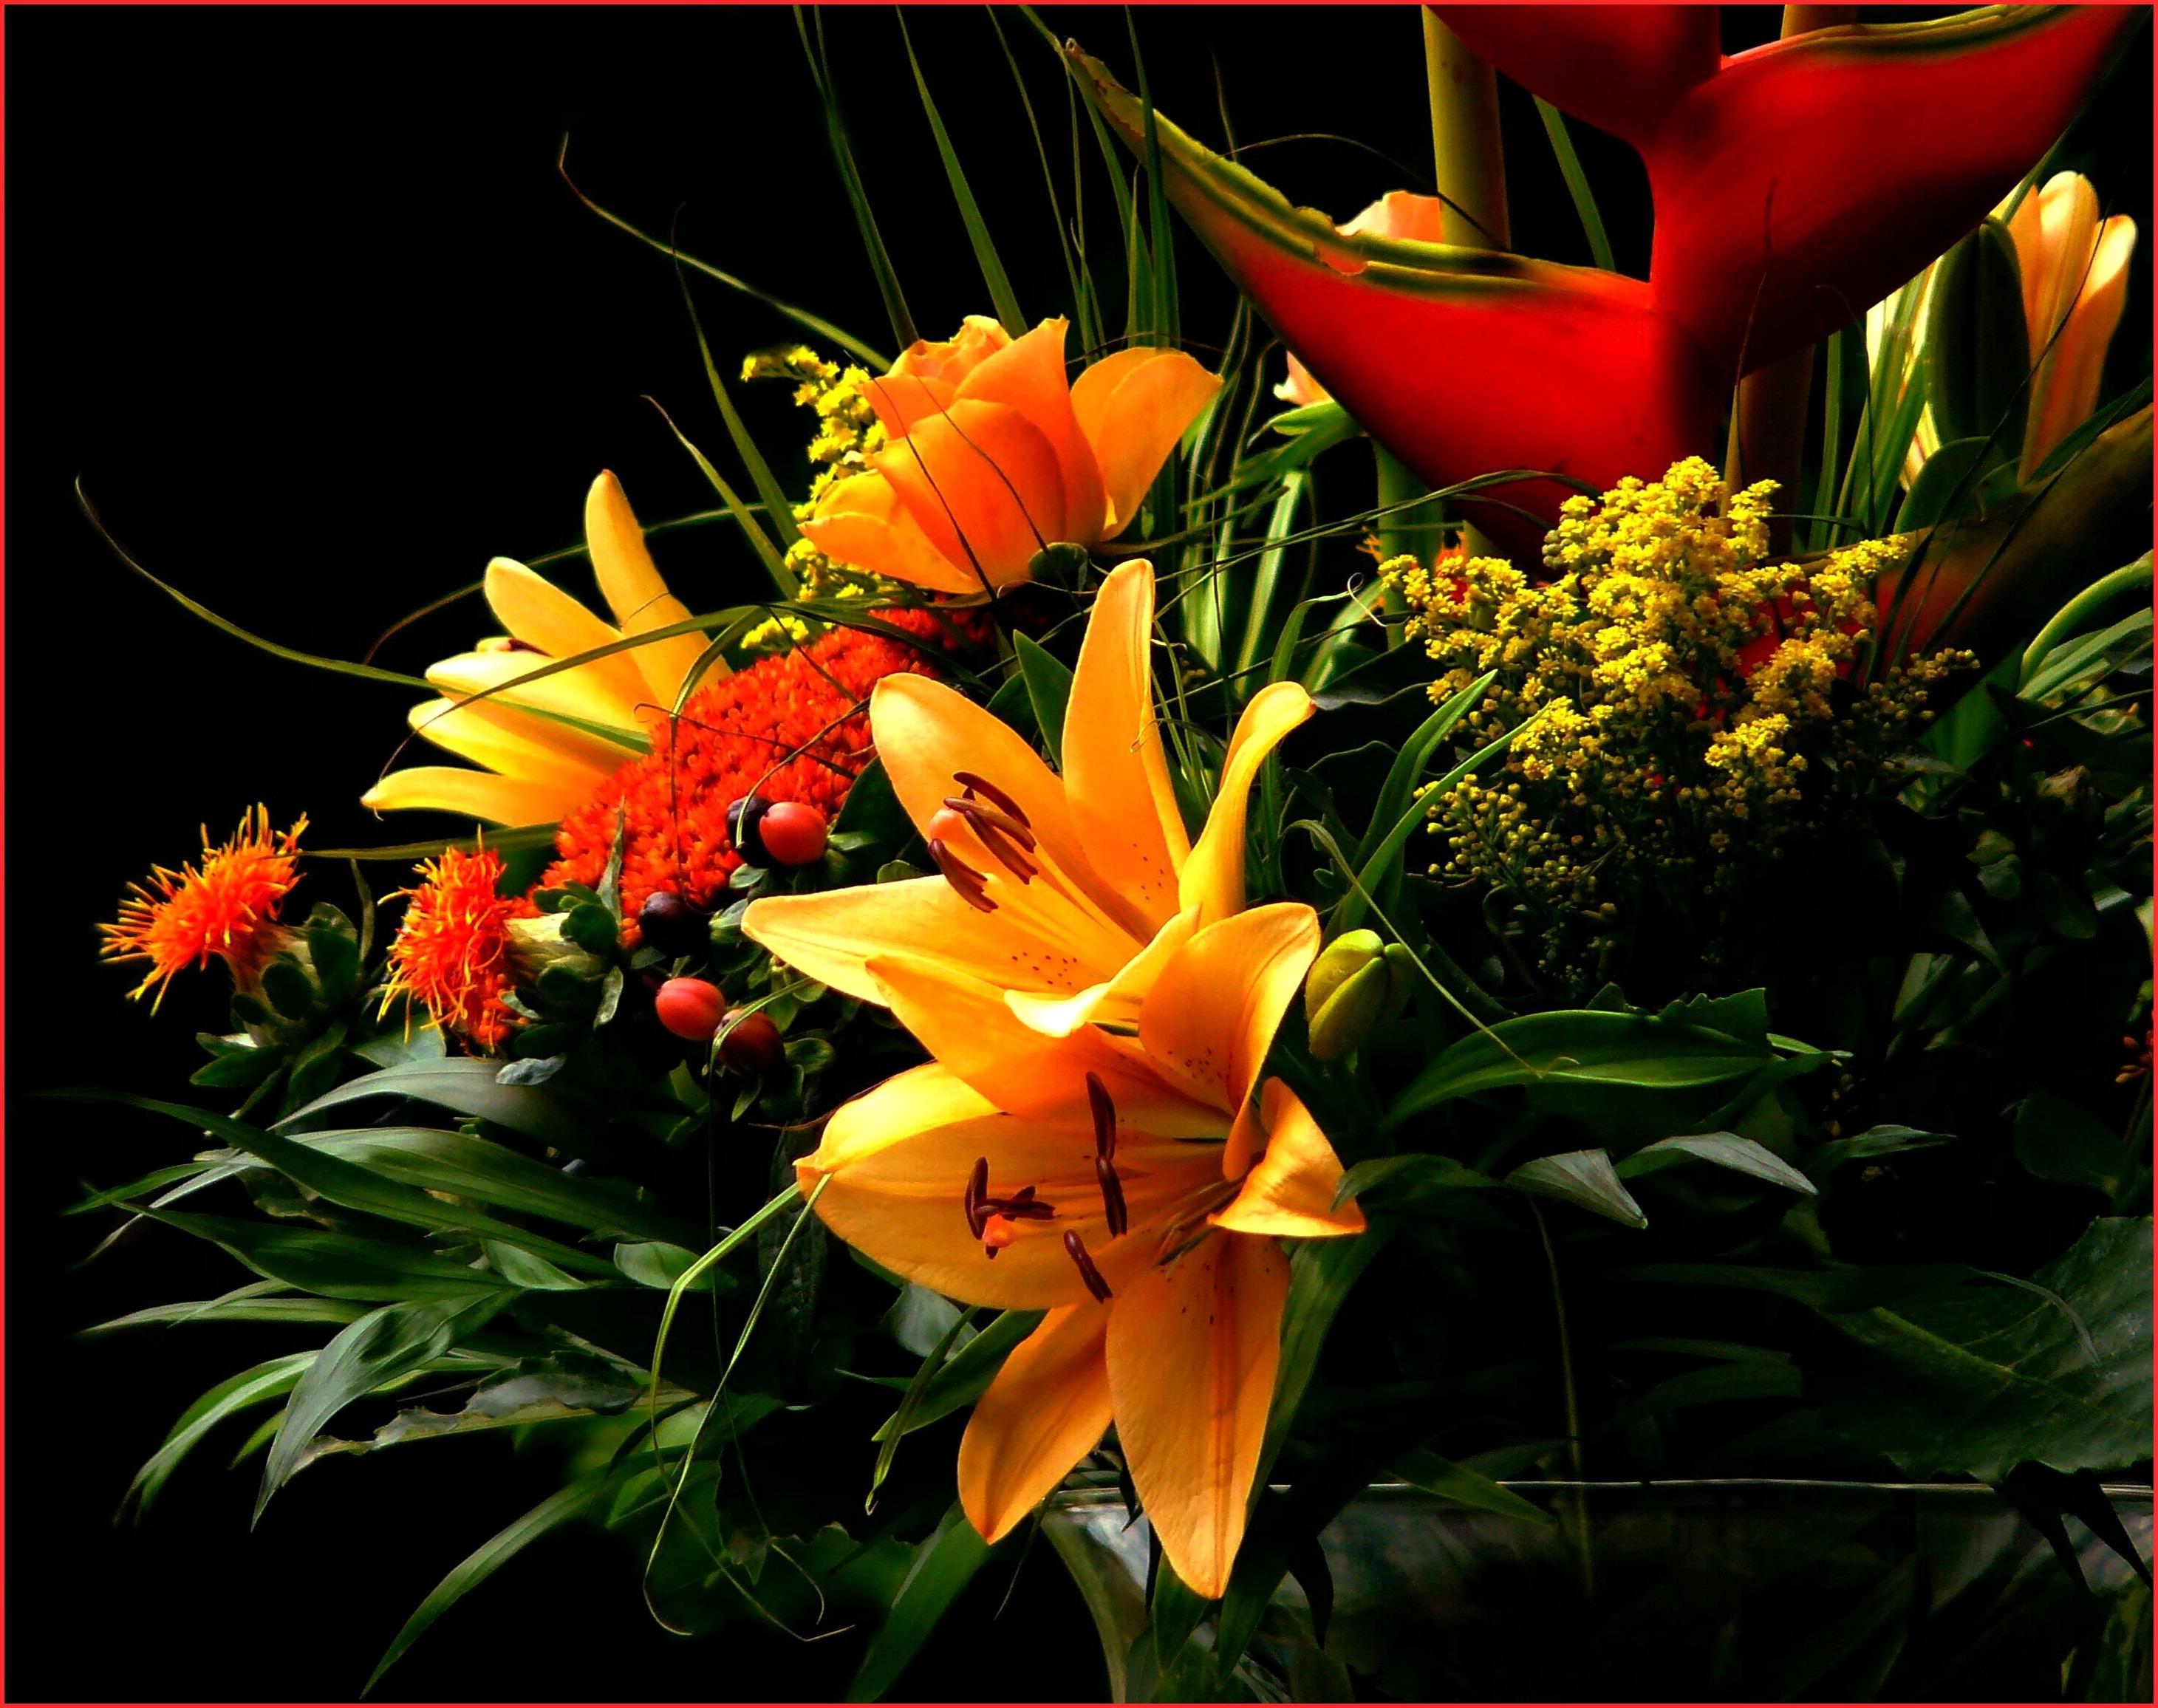 Free Images Blossom Leaf Bloom Rose Orange Red Botany